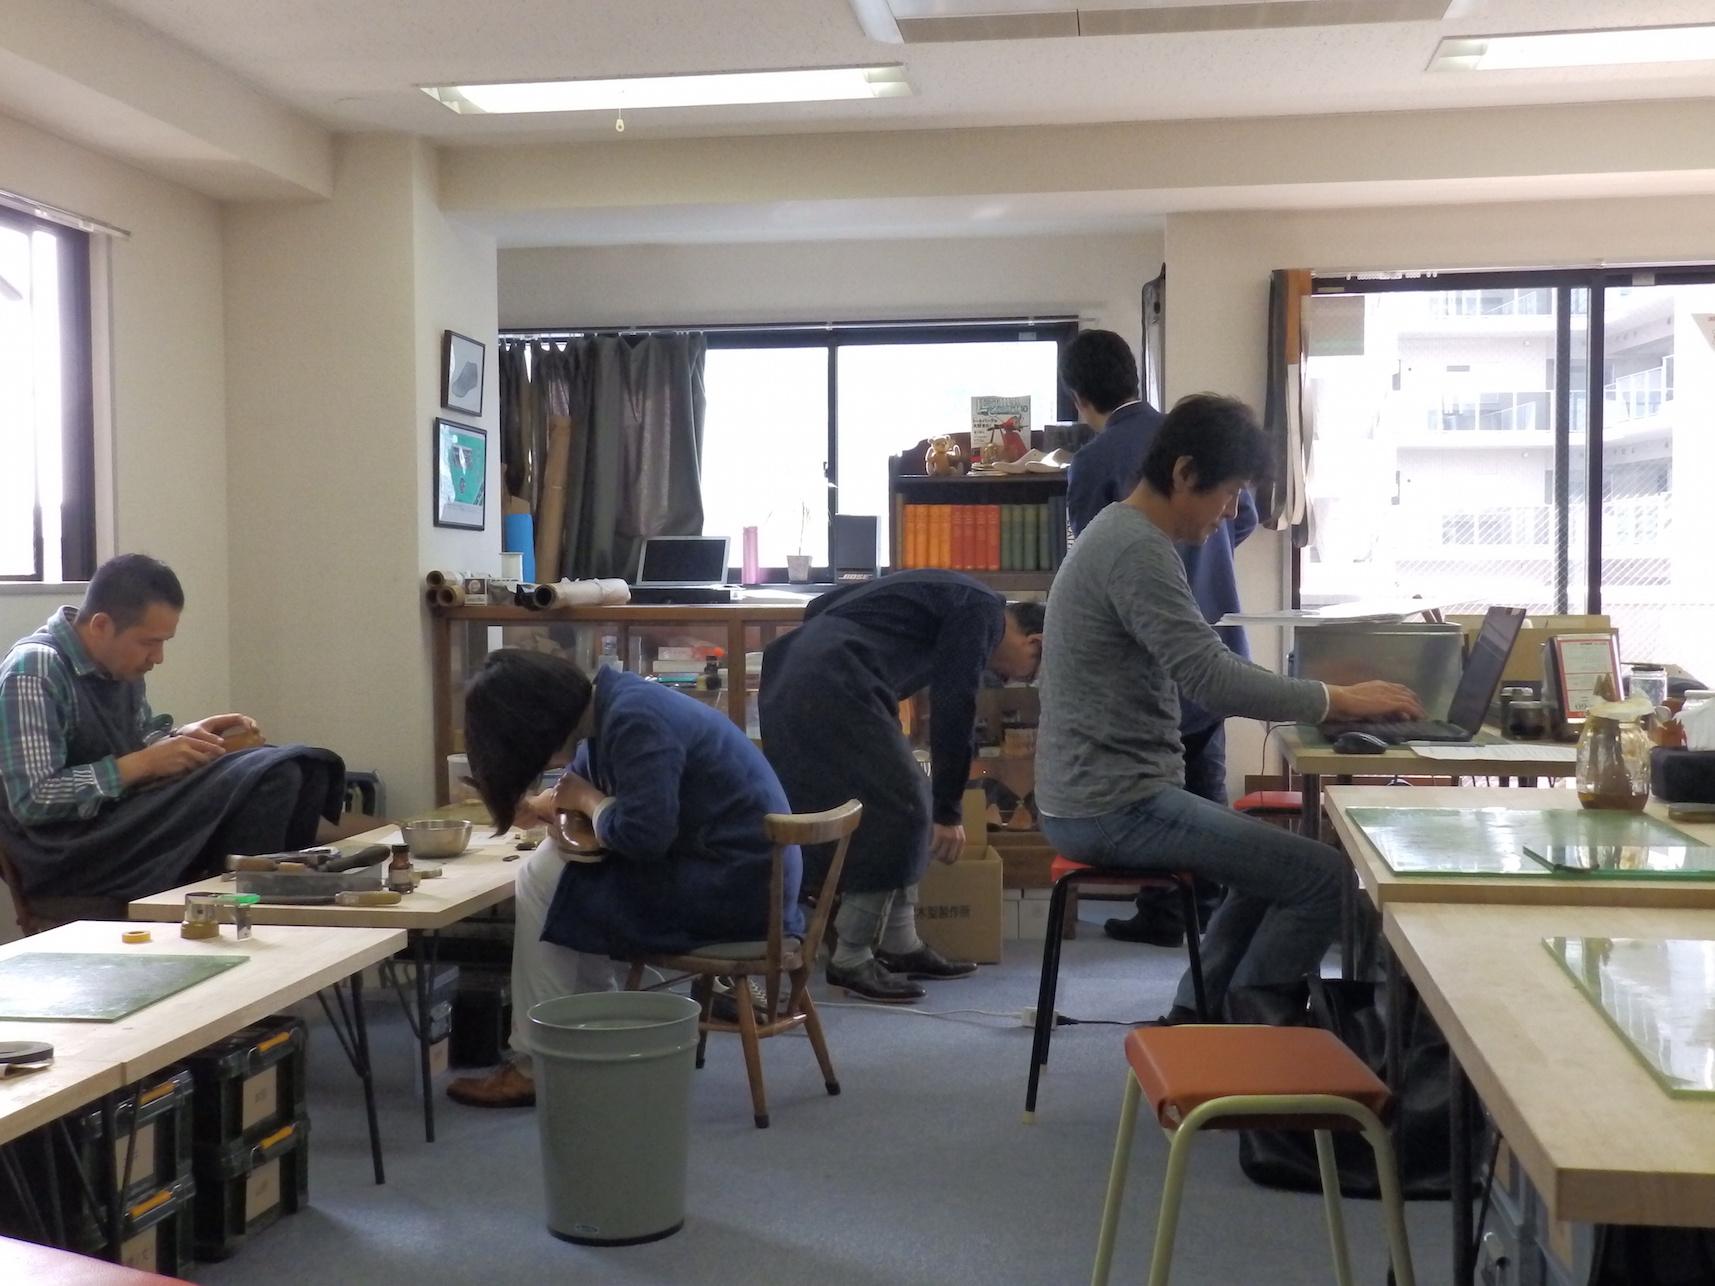 THE SHOEMAKER'S CLASS - 靴職人に教わる本格革靴作り@新三河島駅徒歩1分